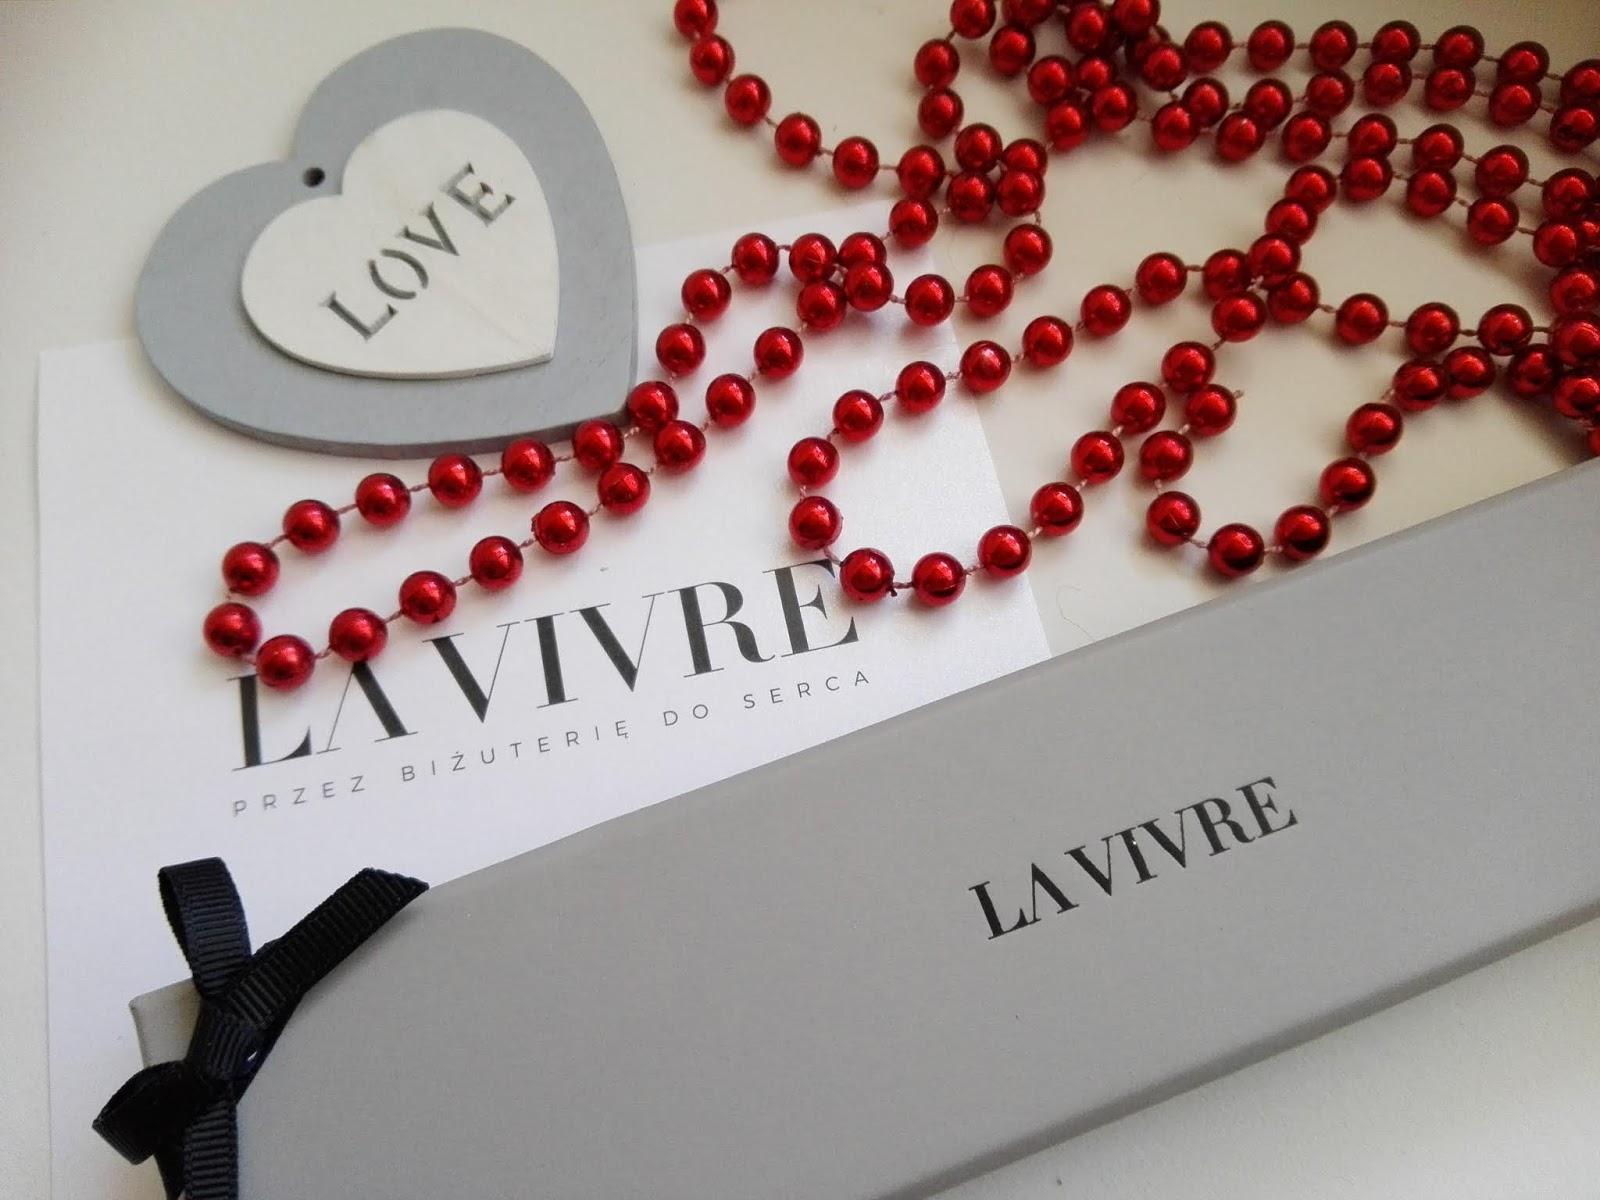 bransoletka srebtrna - LaVivre